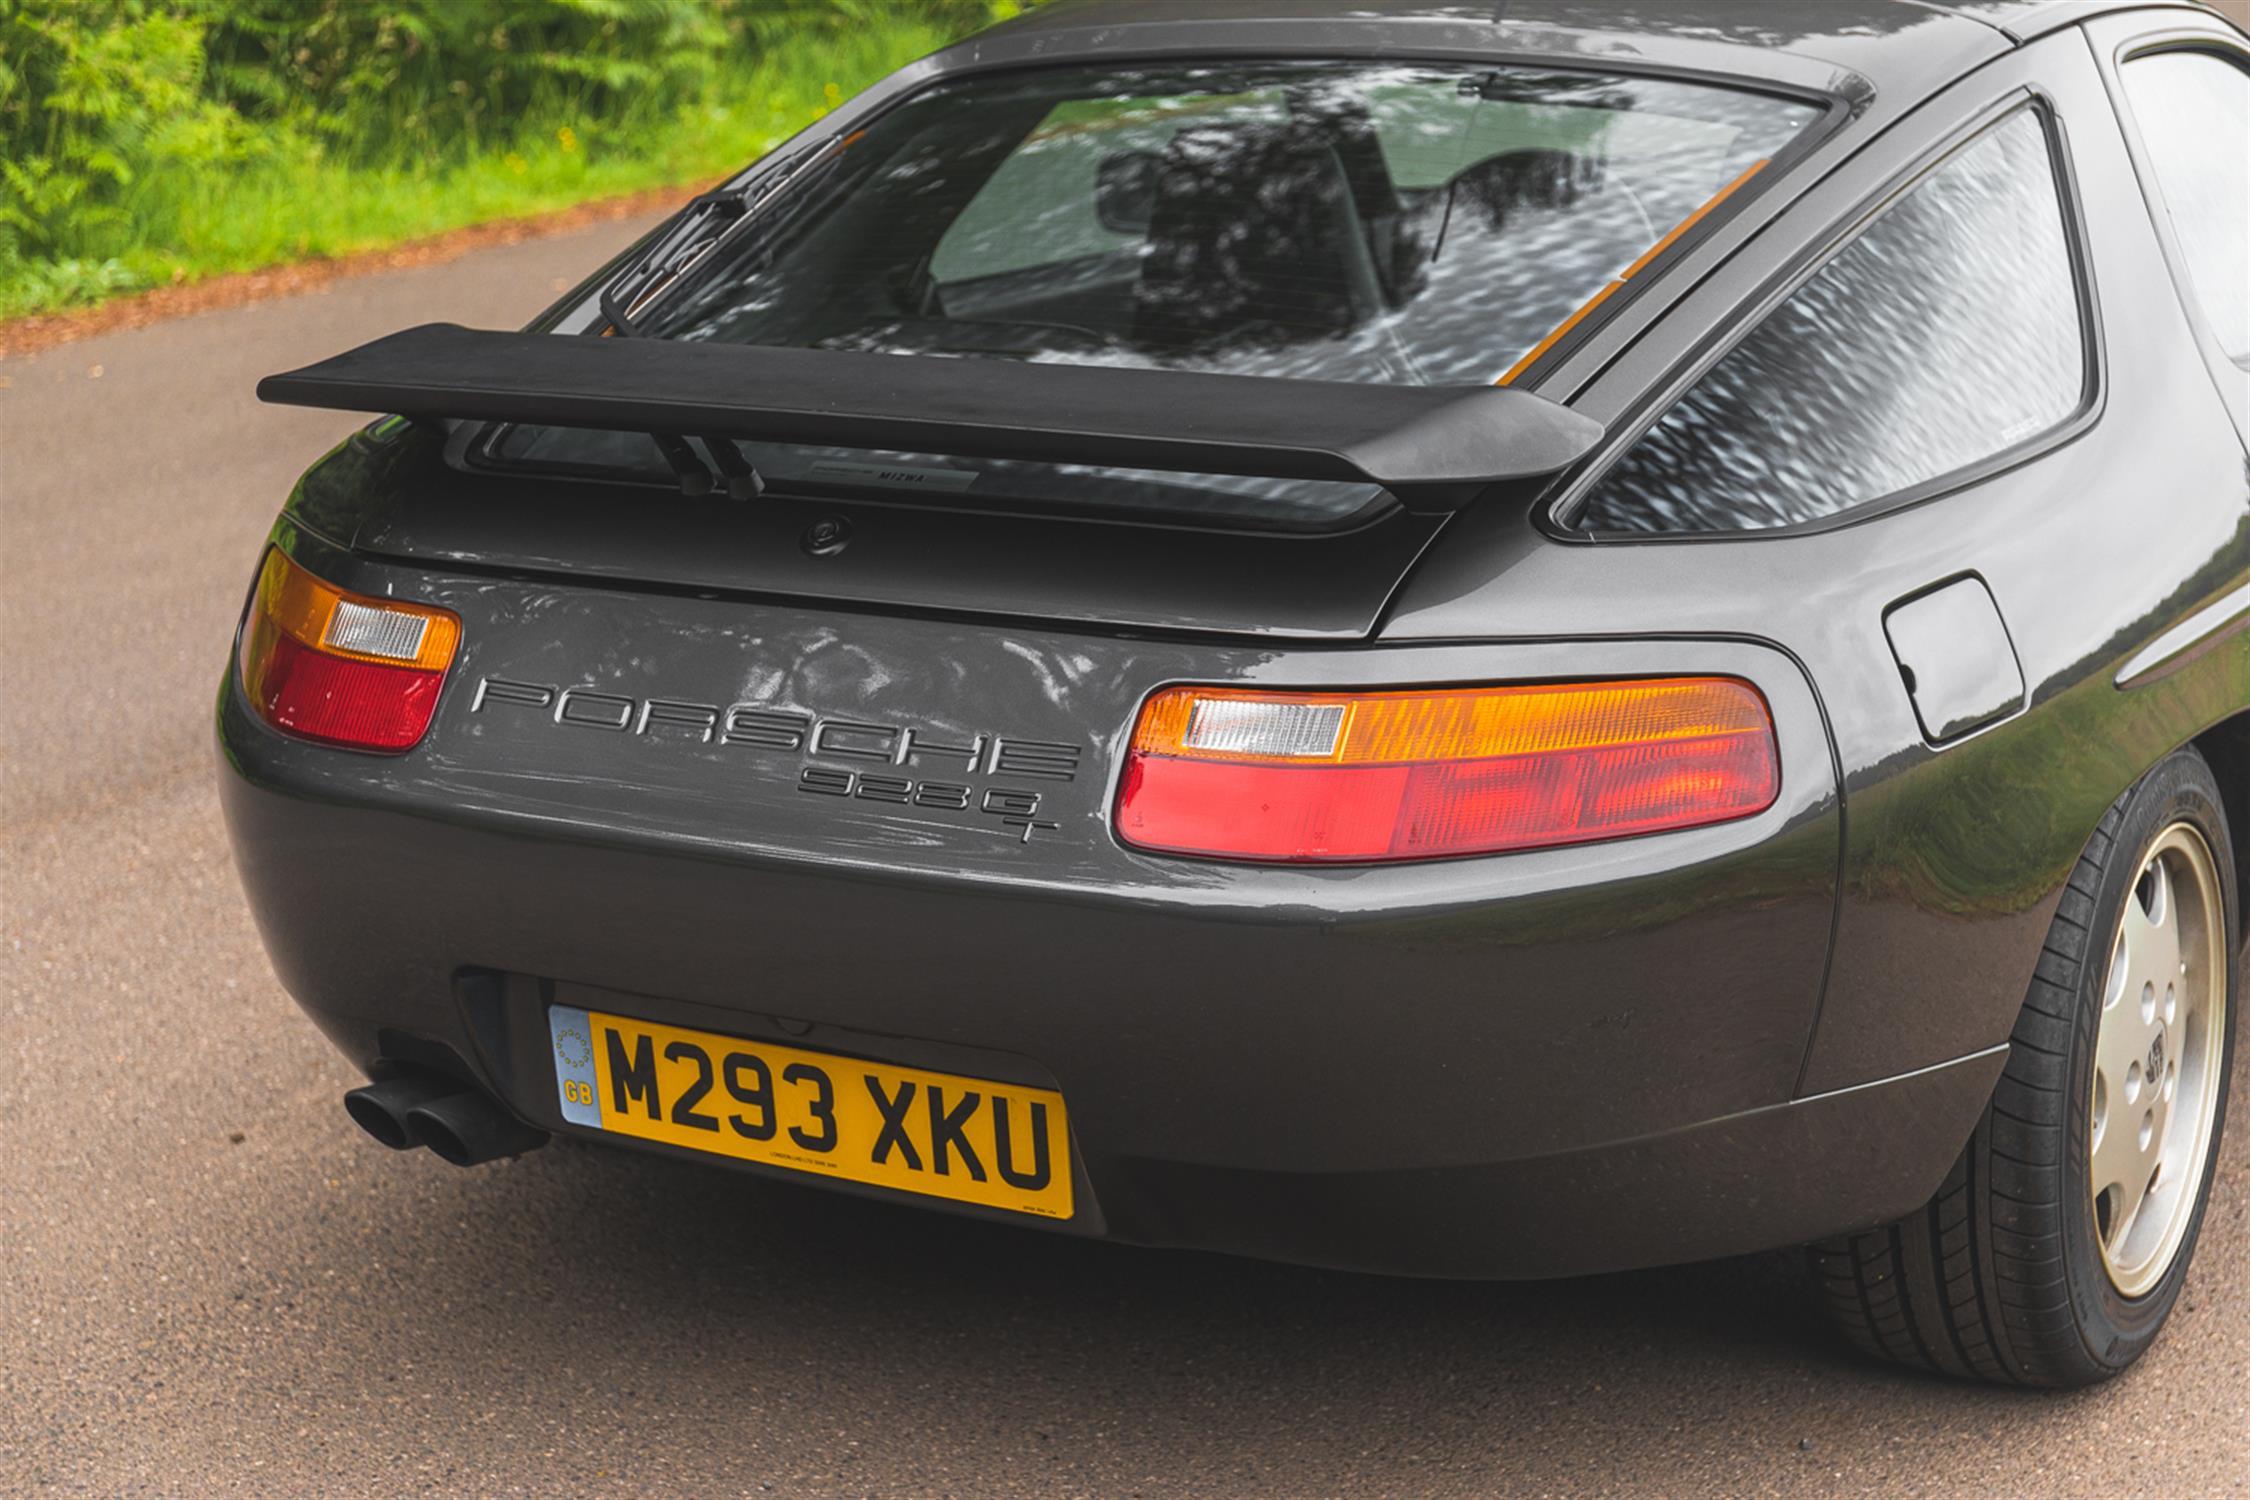 1991 Porsche 928 GT - Image 10 of 10